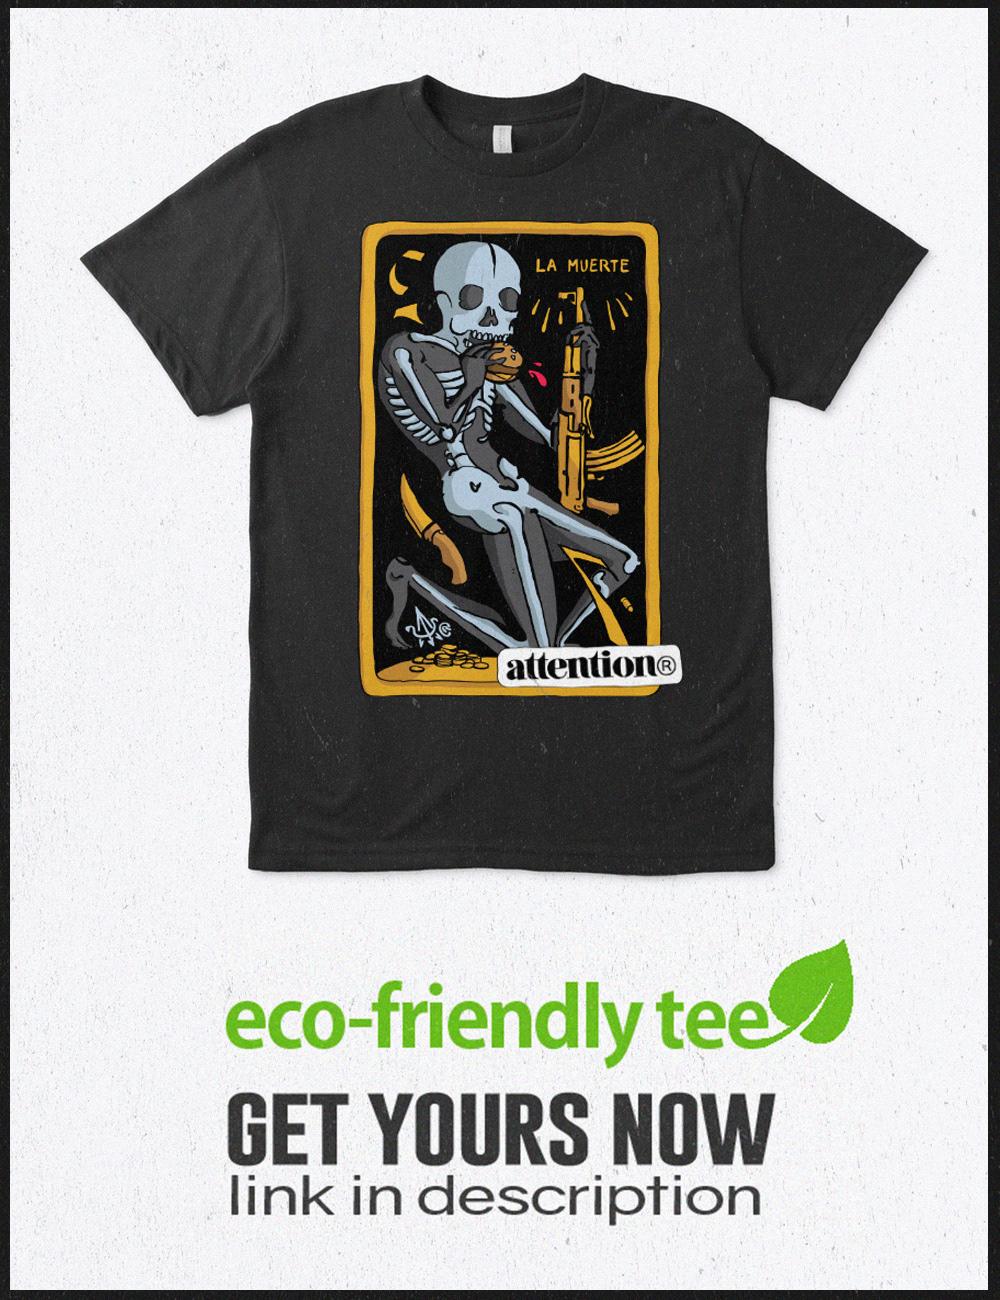 Image may contain: shirt, cartoon and poster